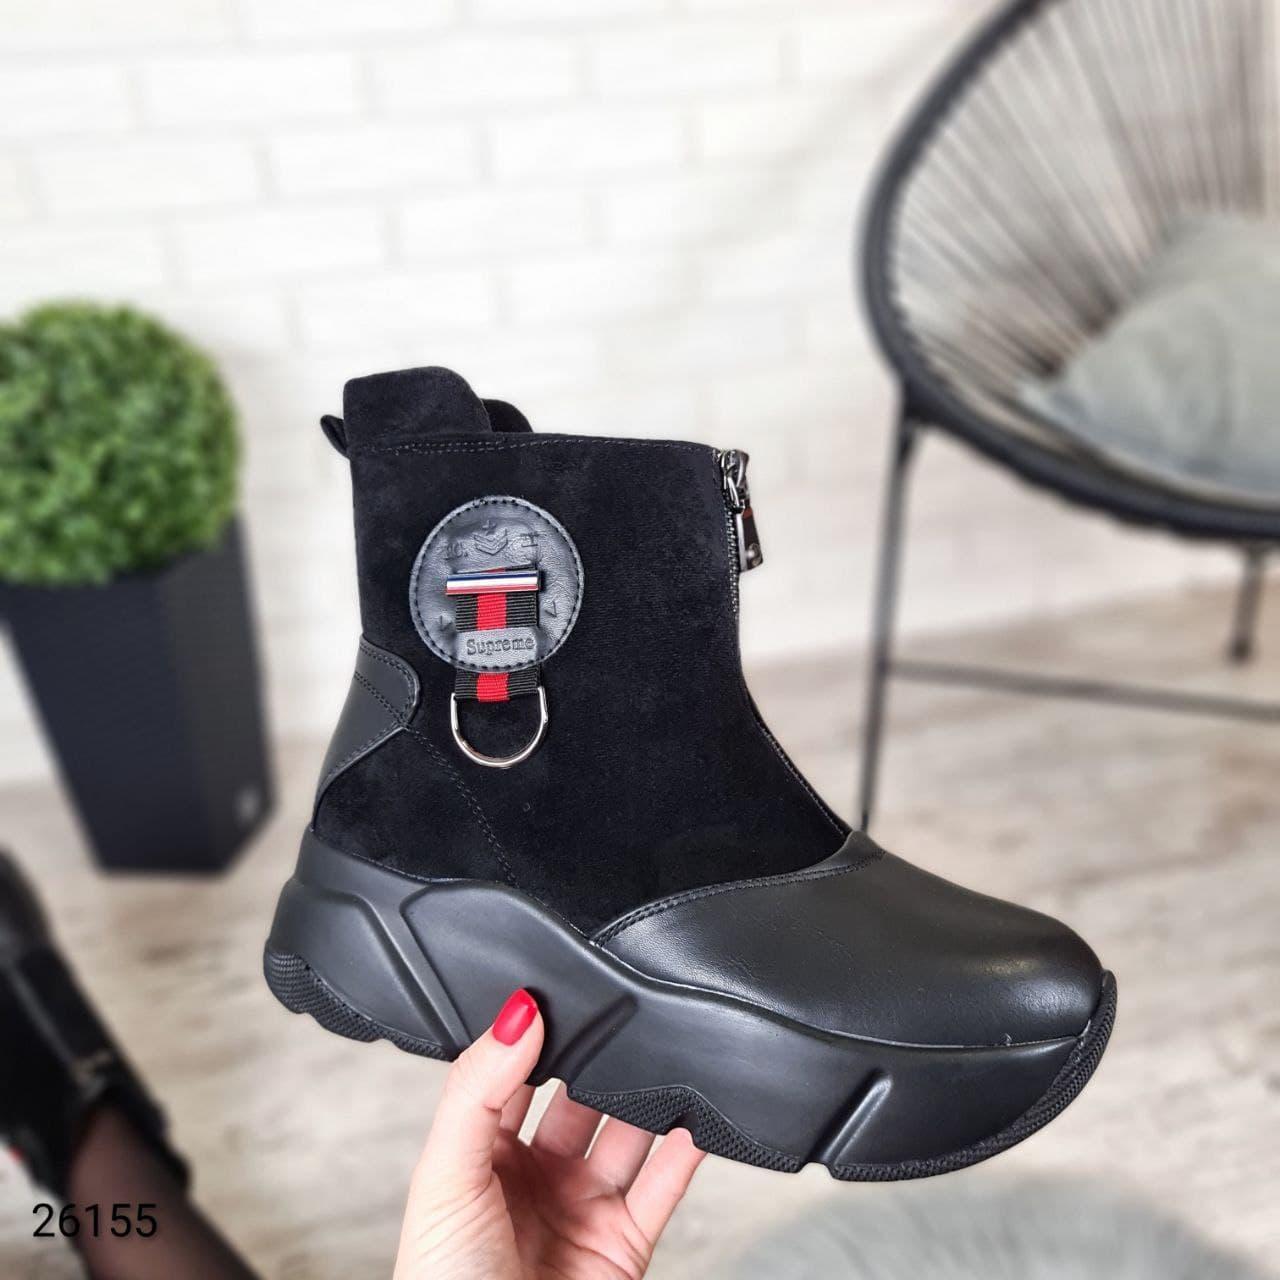 Женские зимние ботинки на высокой подошве с декоративными элементами LS-26155